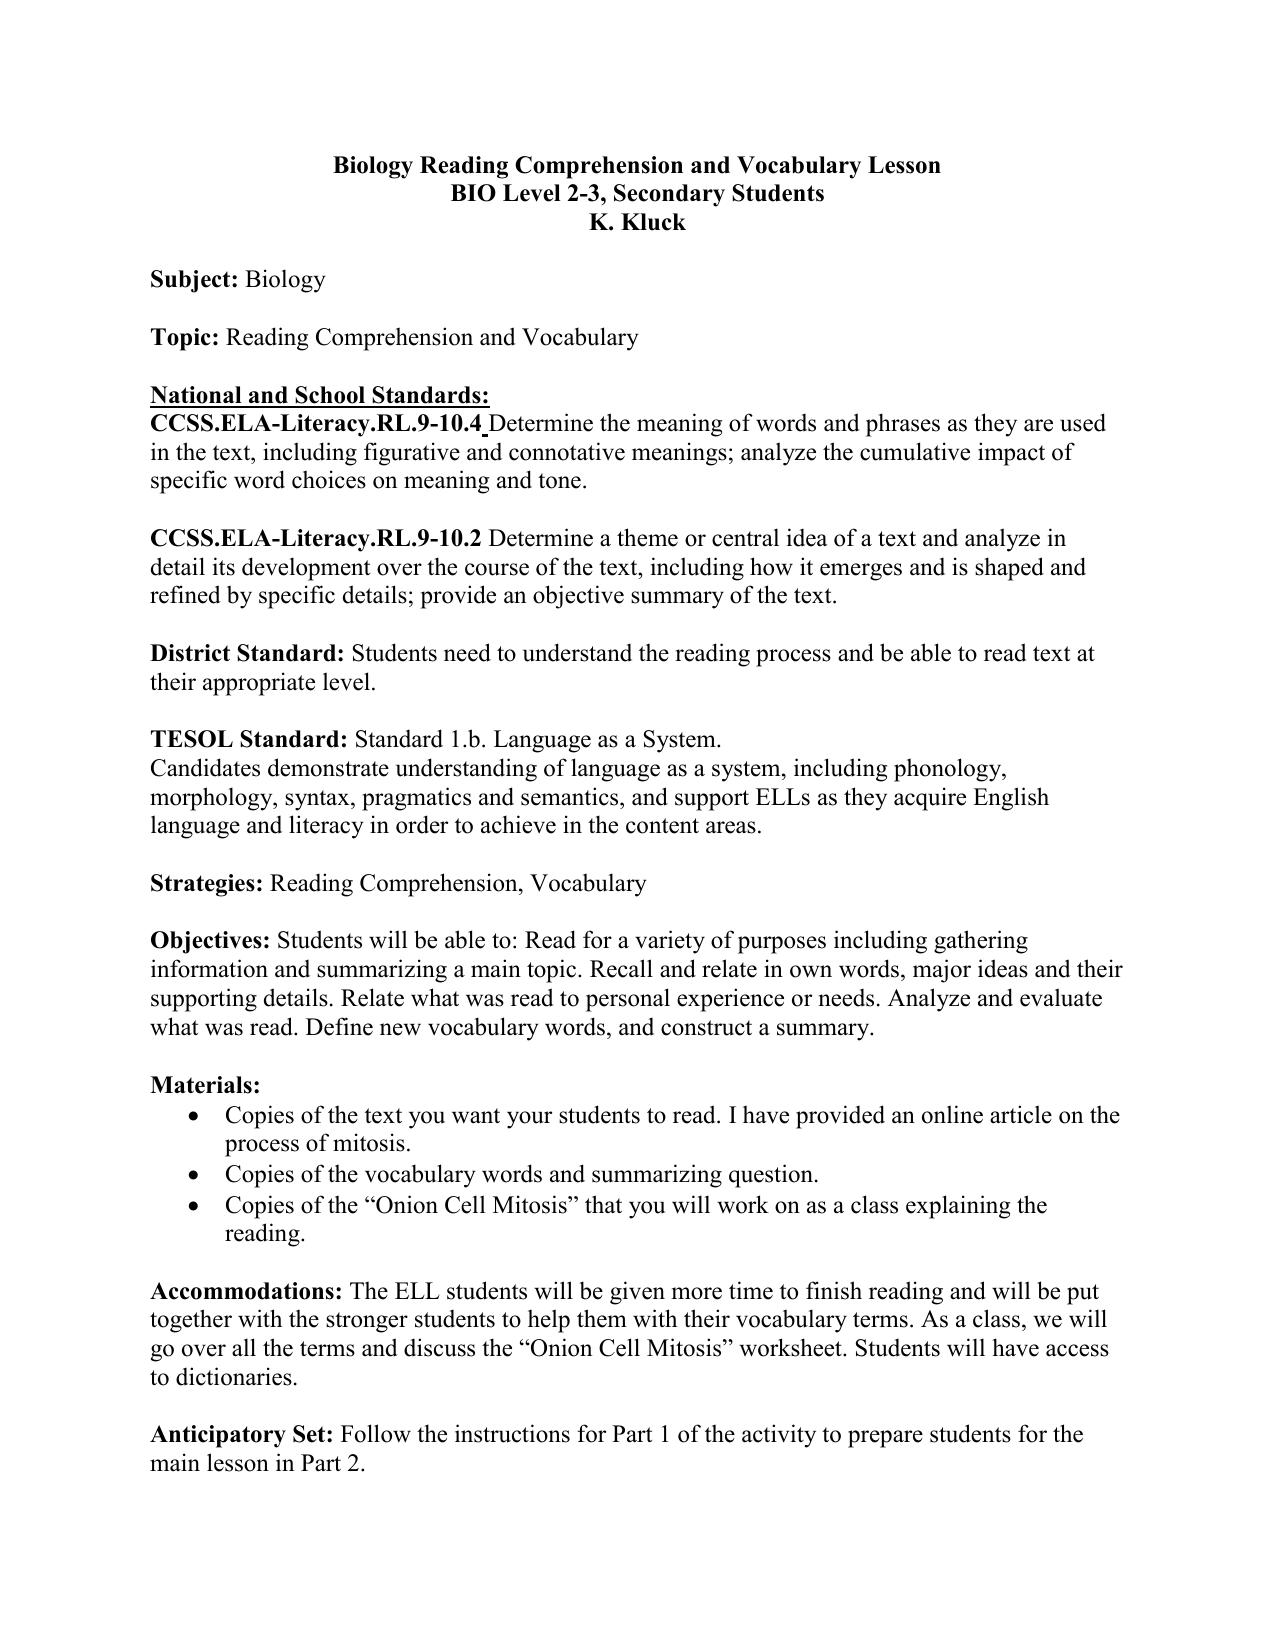 Worksheets Biology Reading Comprehension Worksheets worksheet central idea grass fedjp study site biology reading comprehension and